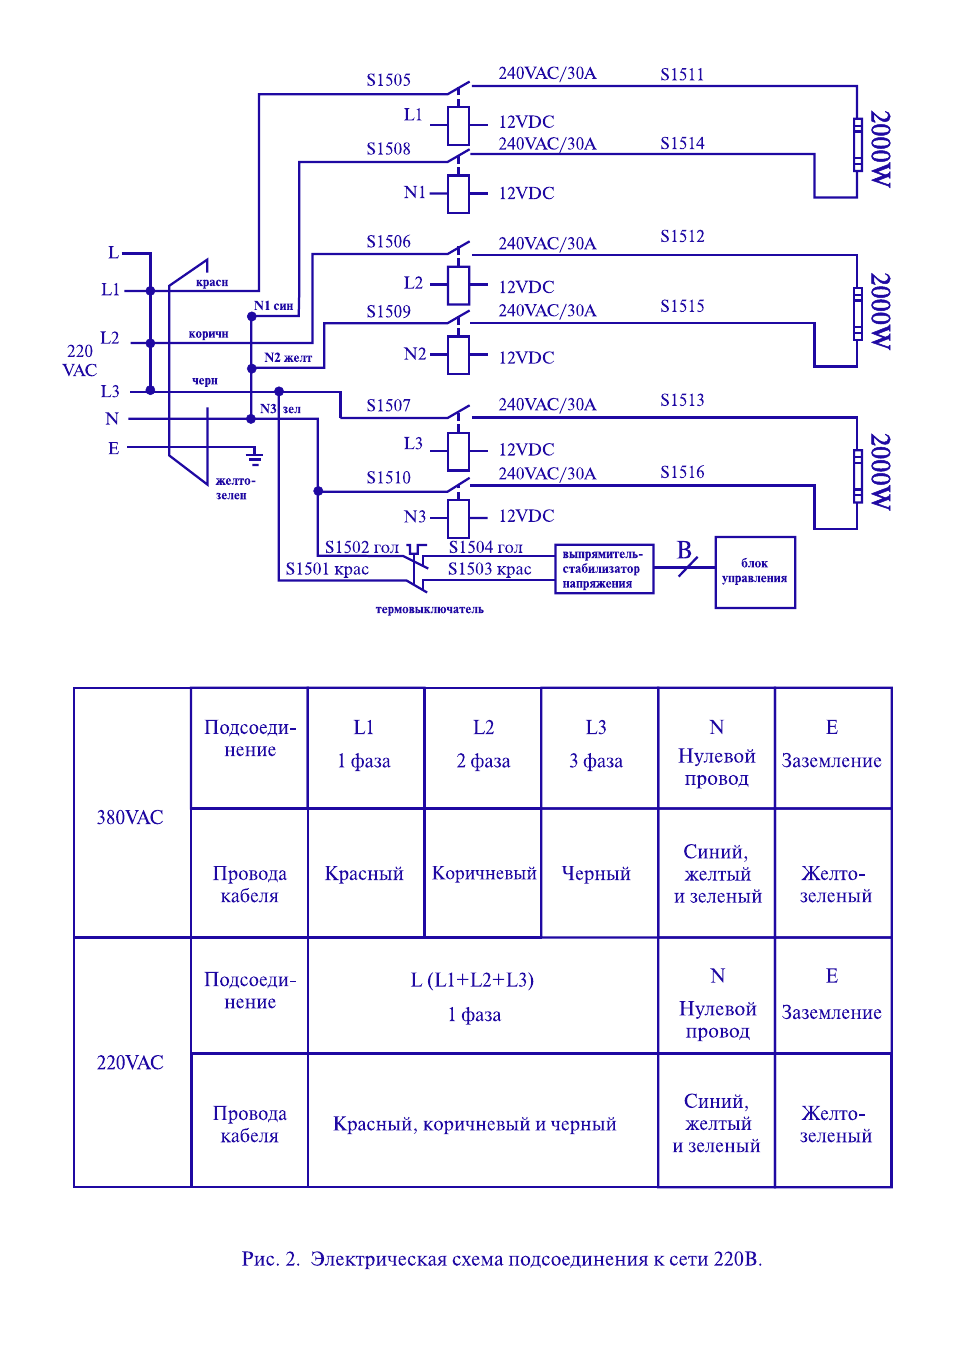 Эл схема водонагревателя оазис по цветам проводов